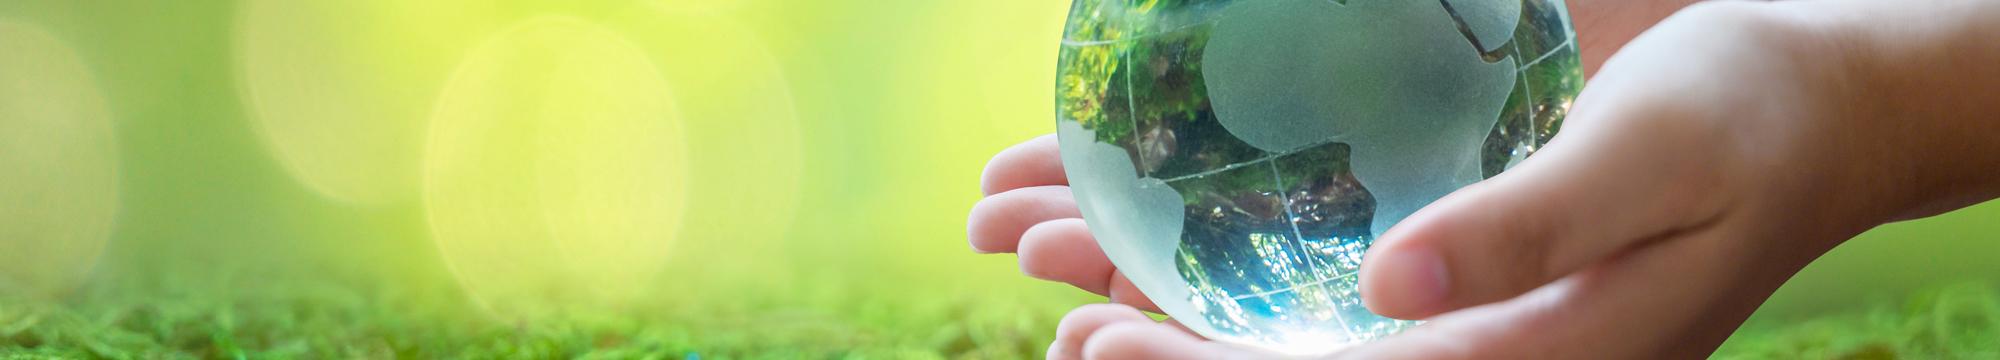 Inversió sostenible